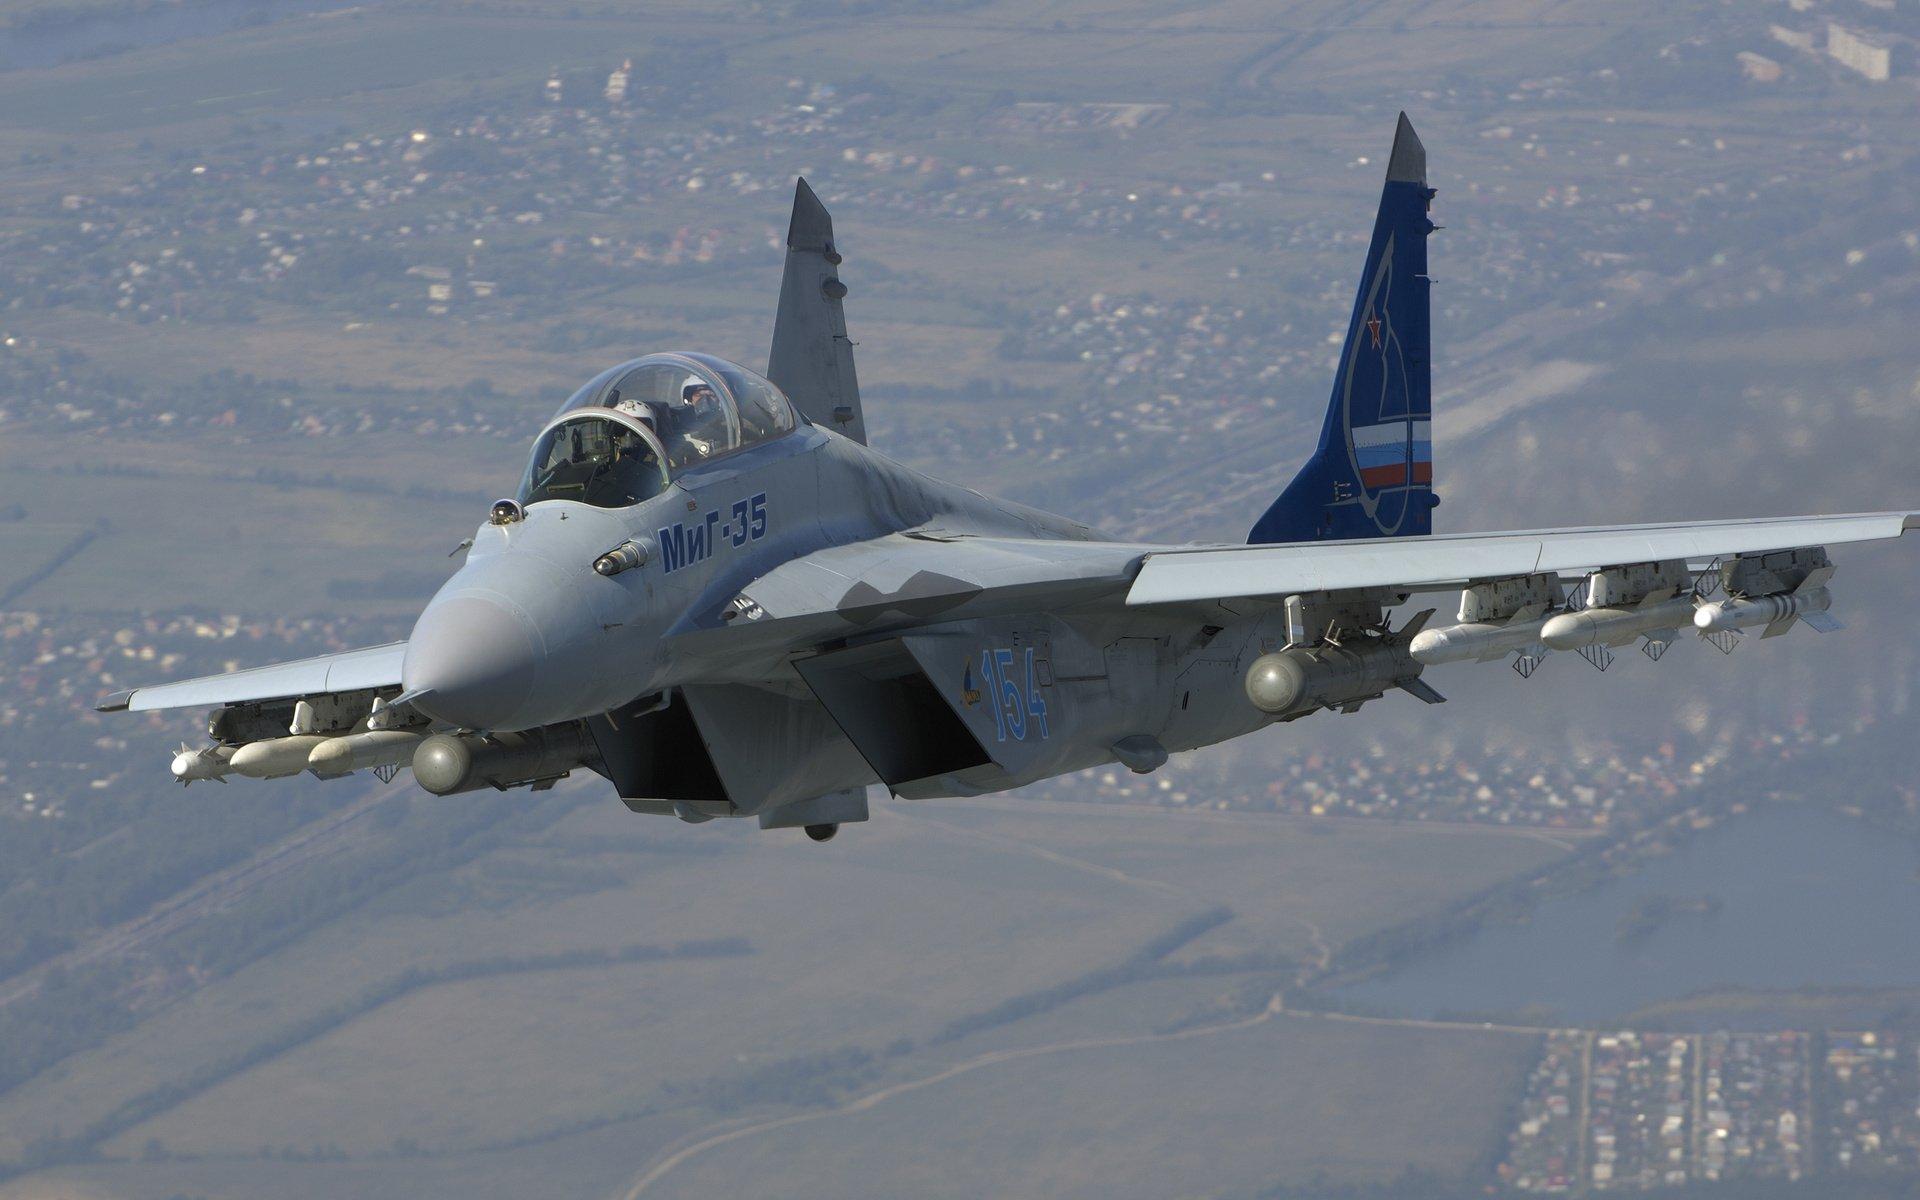 Mig 35 Hd Wallpaper: Mikoyan MiG-35 HD Wallpaper